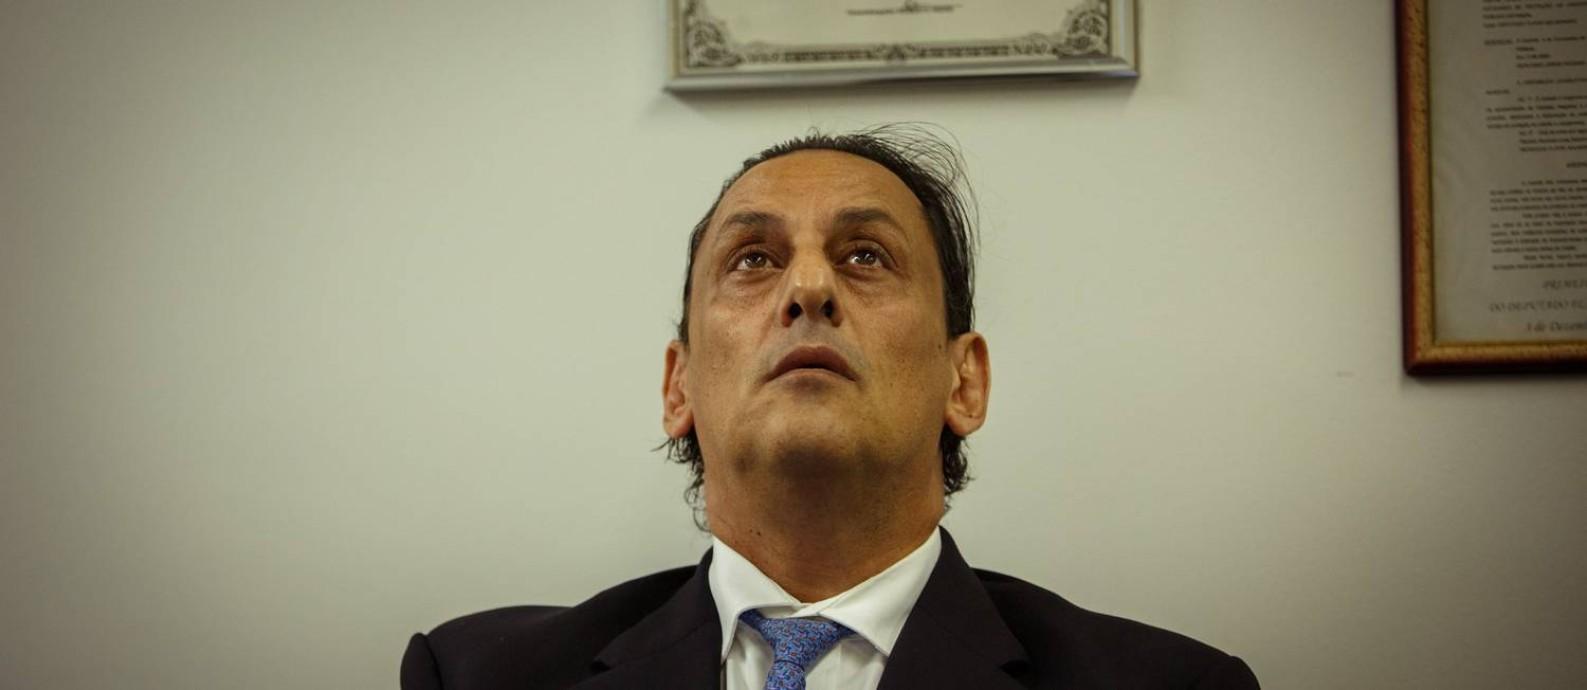 Frederick Wassef tem dito desde o ano passado não ter qualquer contato com Queiroz. Ele mantém a declaração mesmo depois de o ex-PM ser preso em sua casa. Foto: Daniel Marenco / Agência O Globo